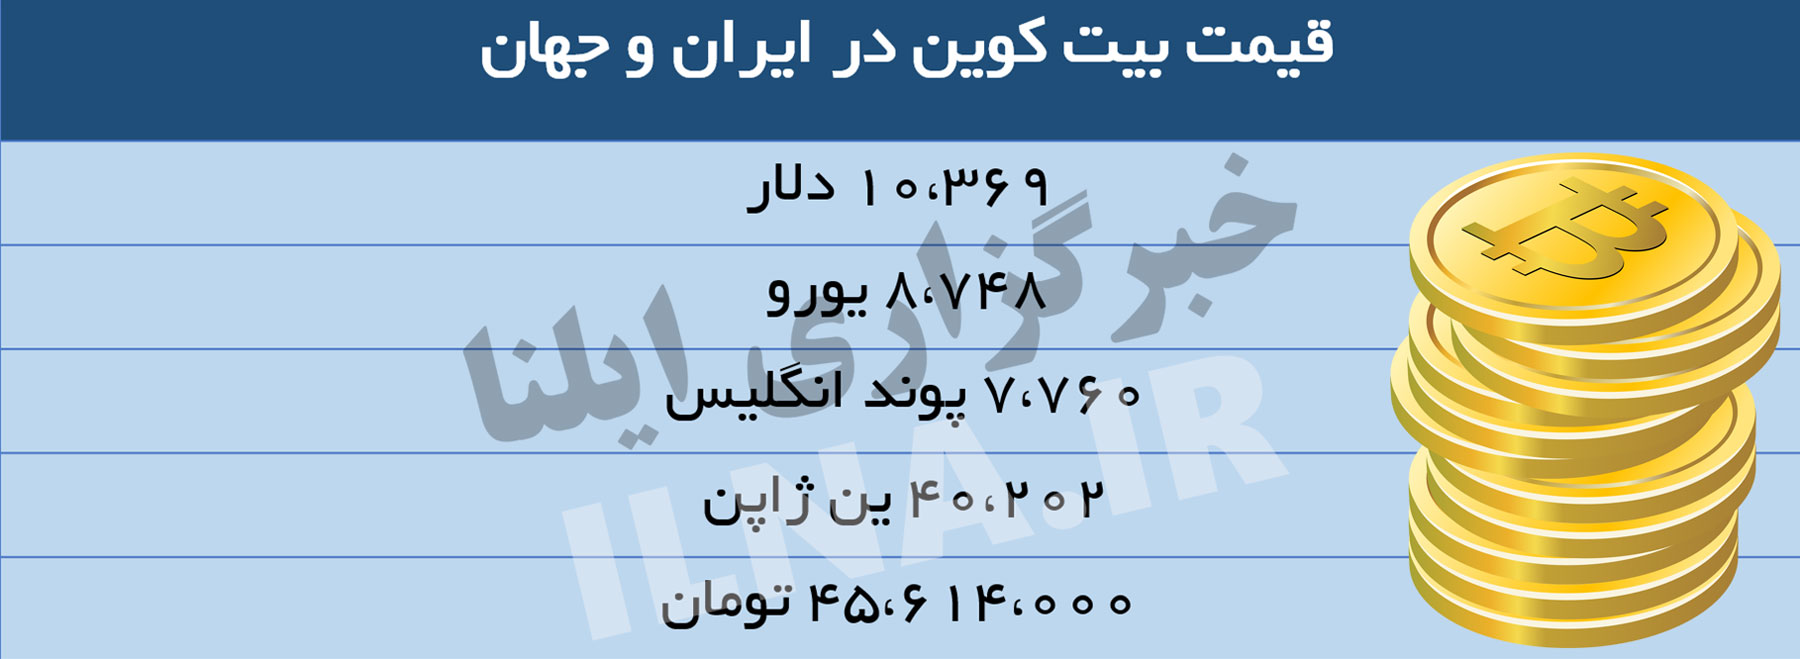 قیمت بیتکوین در ایران 45 میلیون تومان!